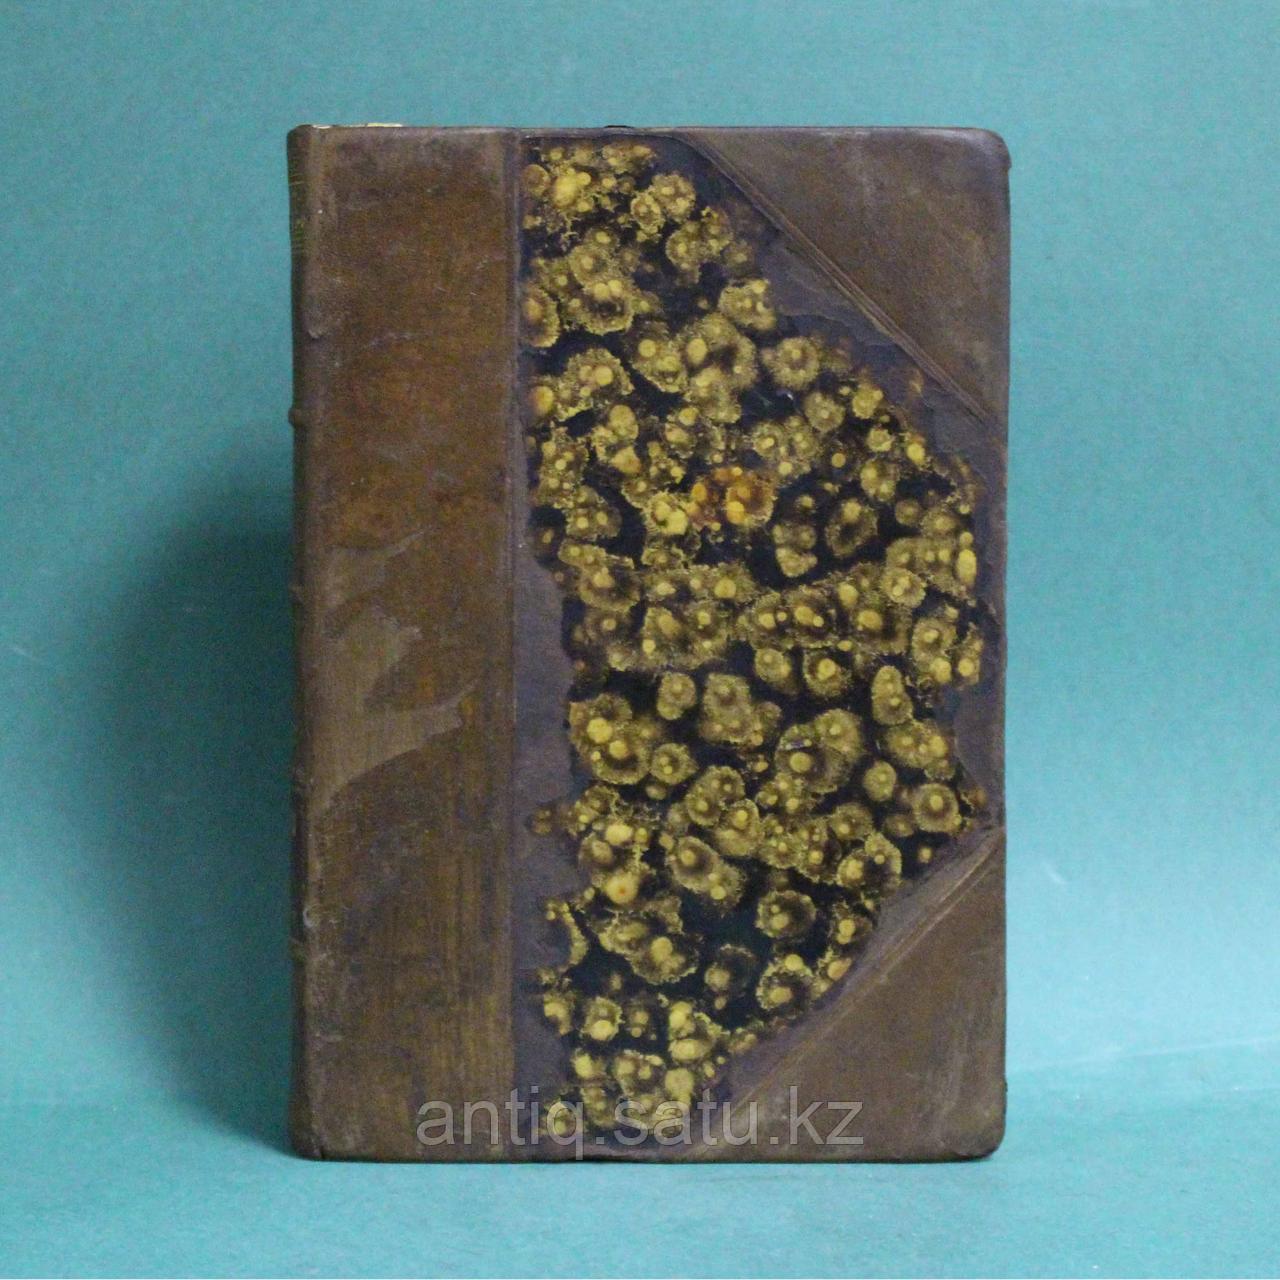 «БРАТЬЯ КАРАМАЗОВЫ» Автор - Ф. М. Достоевский (1821-1881). - фото 1